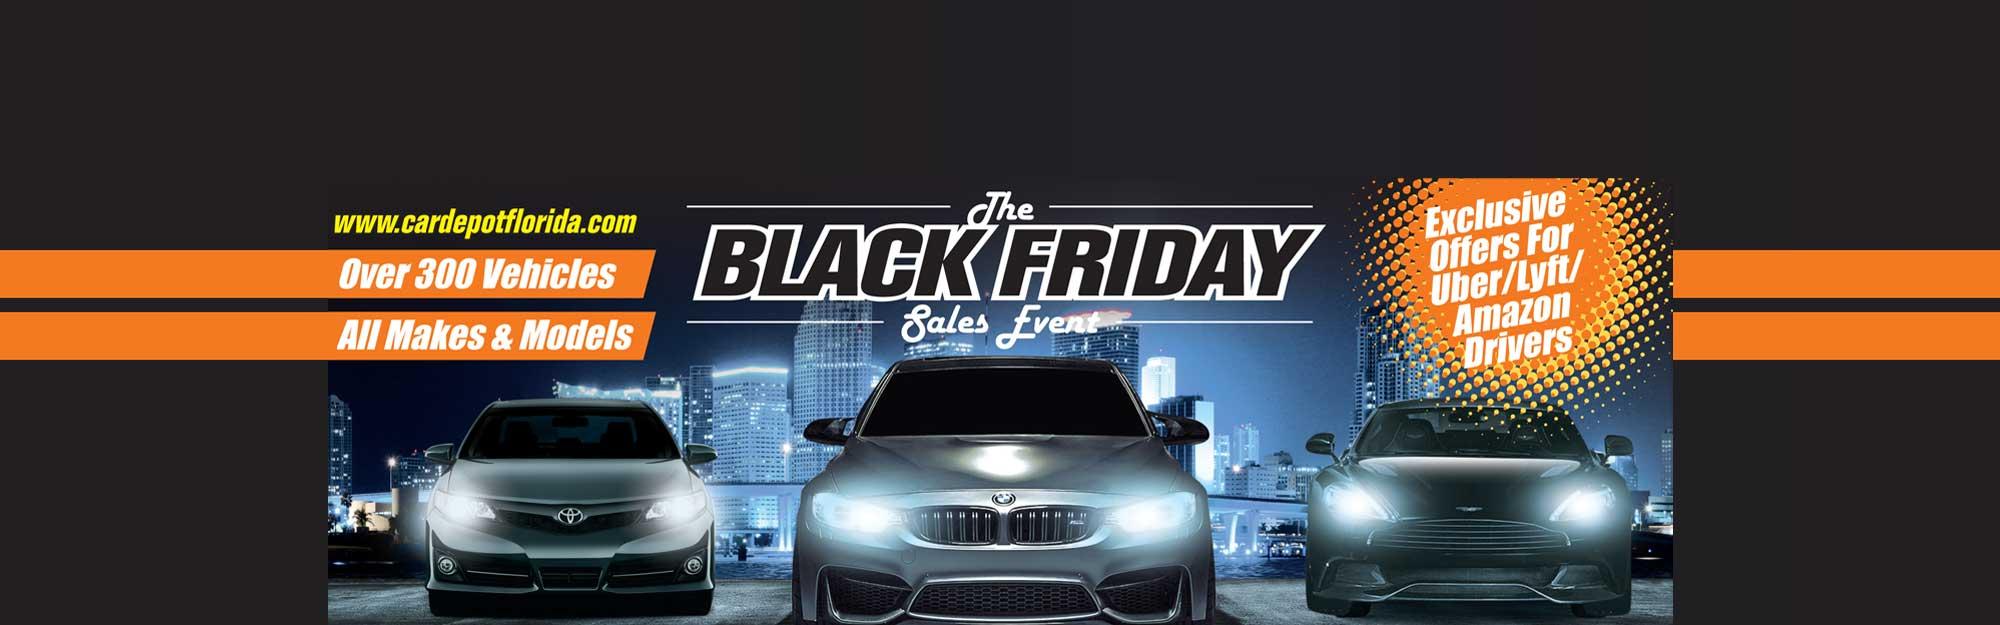 Black Friday Specials at Car Depot